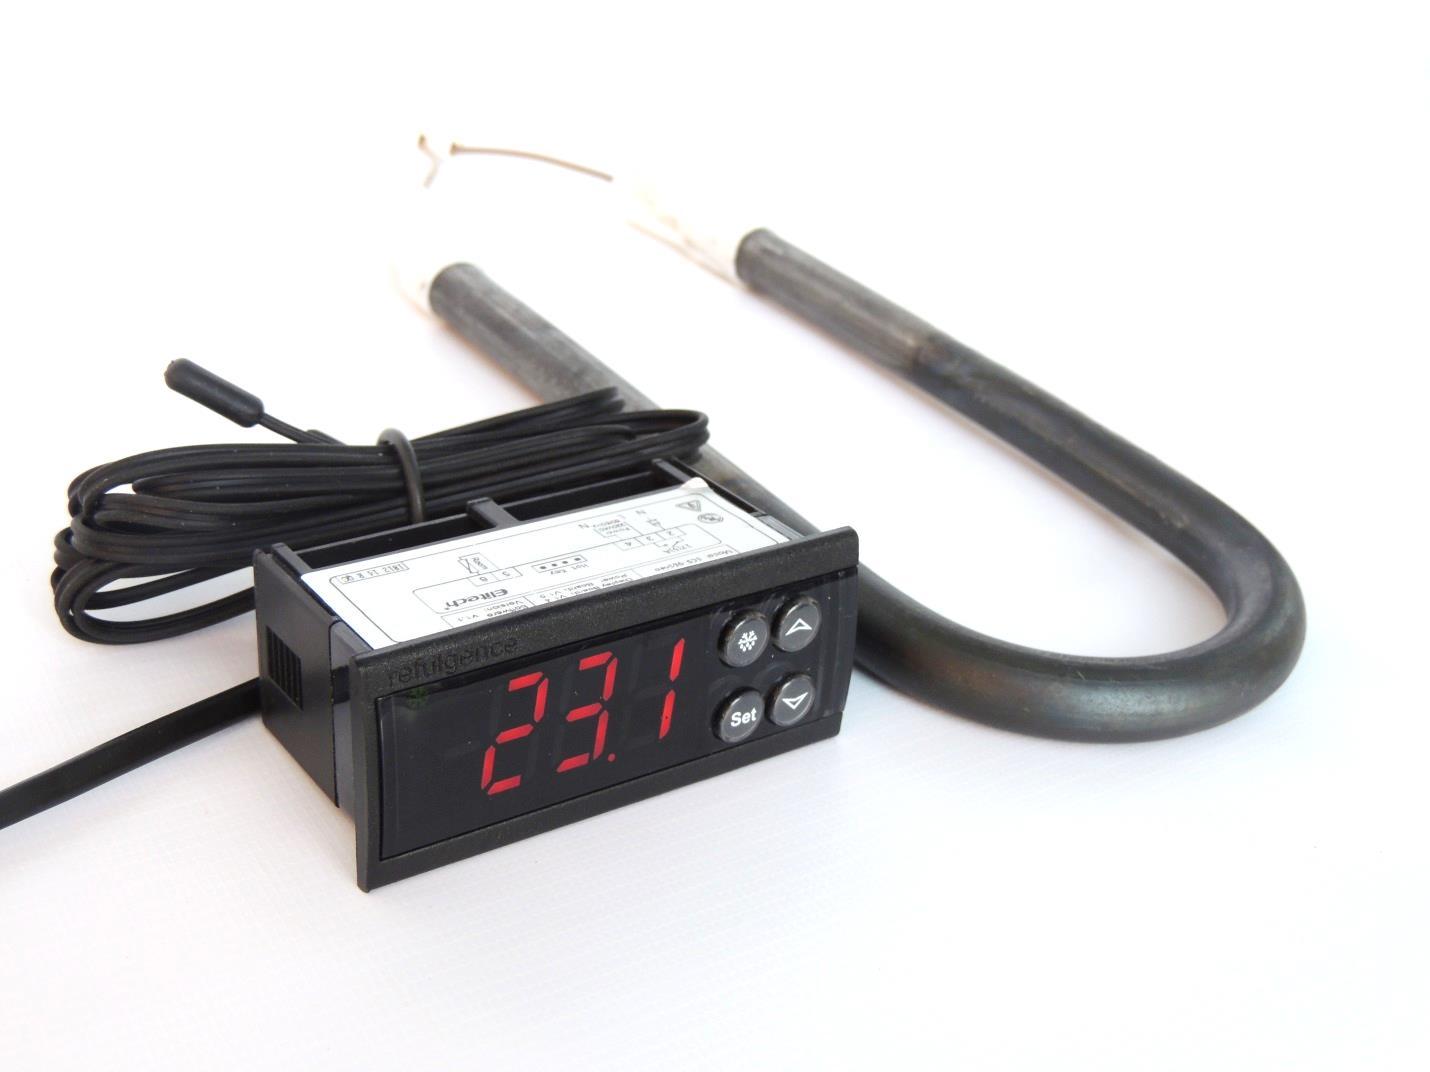 Терморегулятор ECS-961neo с нагревателем -ТЭНом (термостат) для отопления помещения